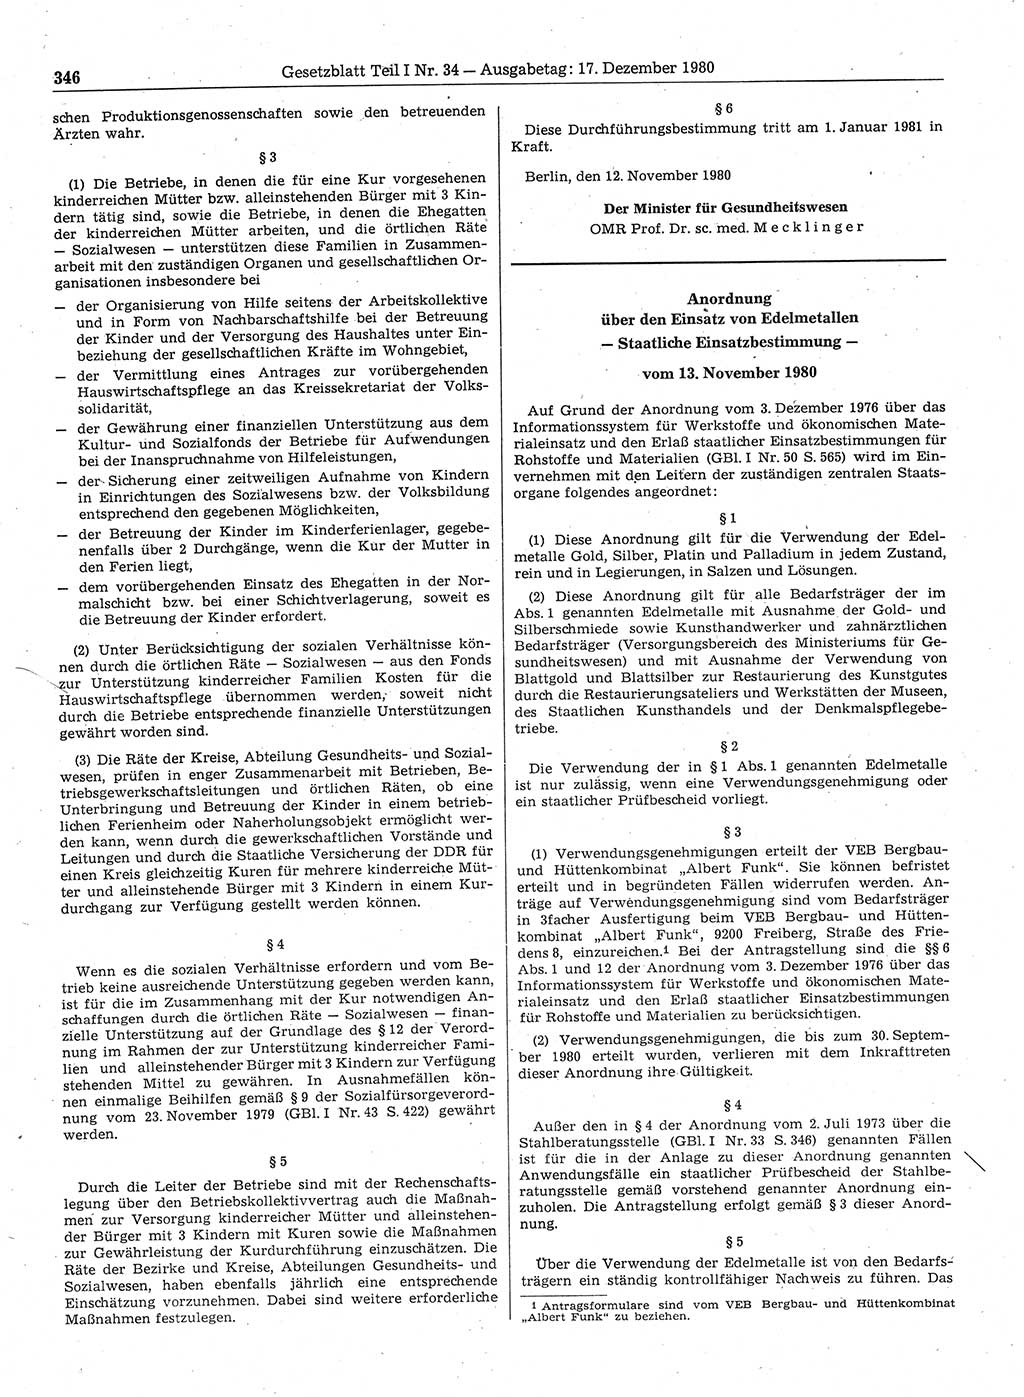 Gesetzblatt (GBl.) DDR Teil Ⅰ 1980, S. 346; Gesetzblatt ...